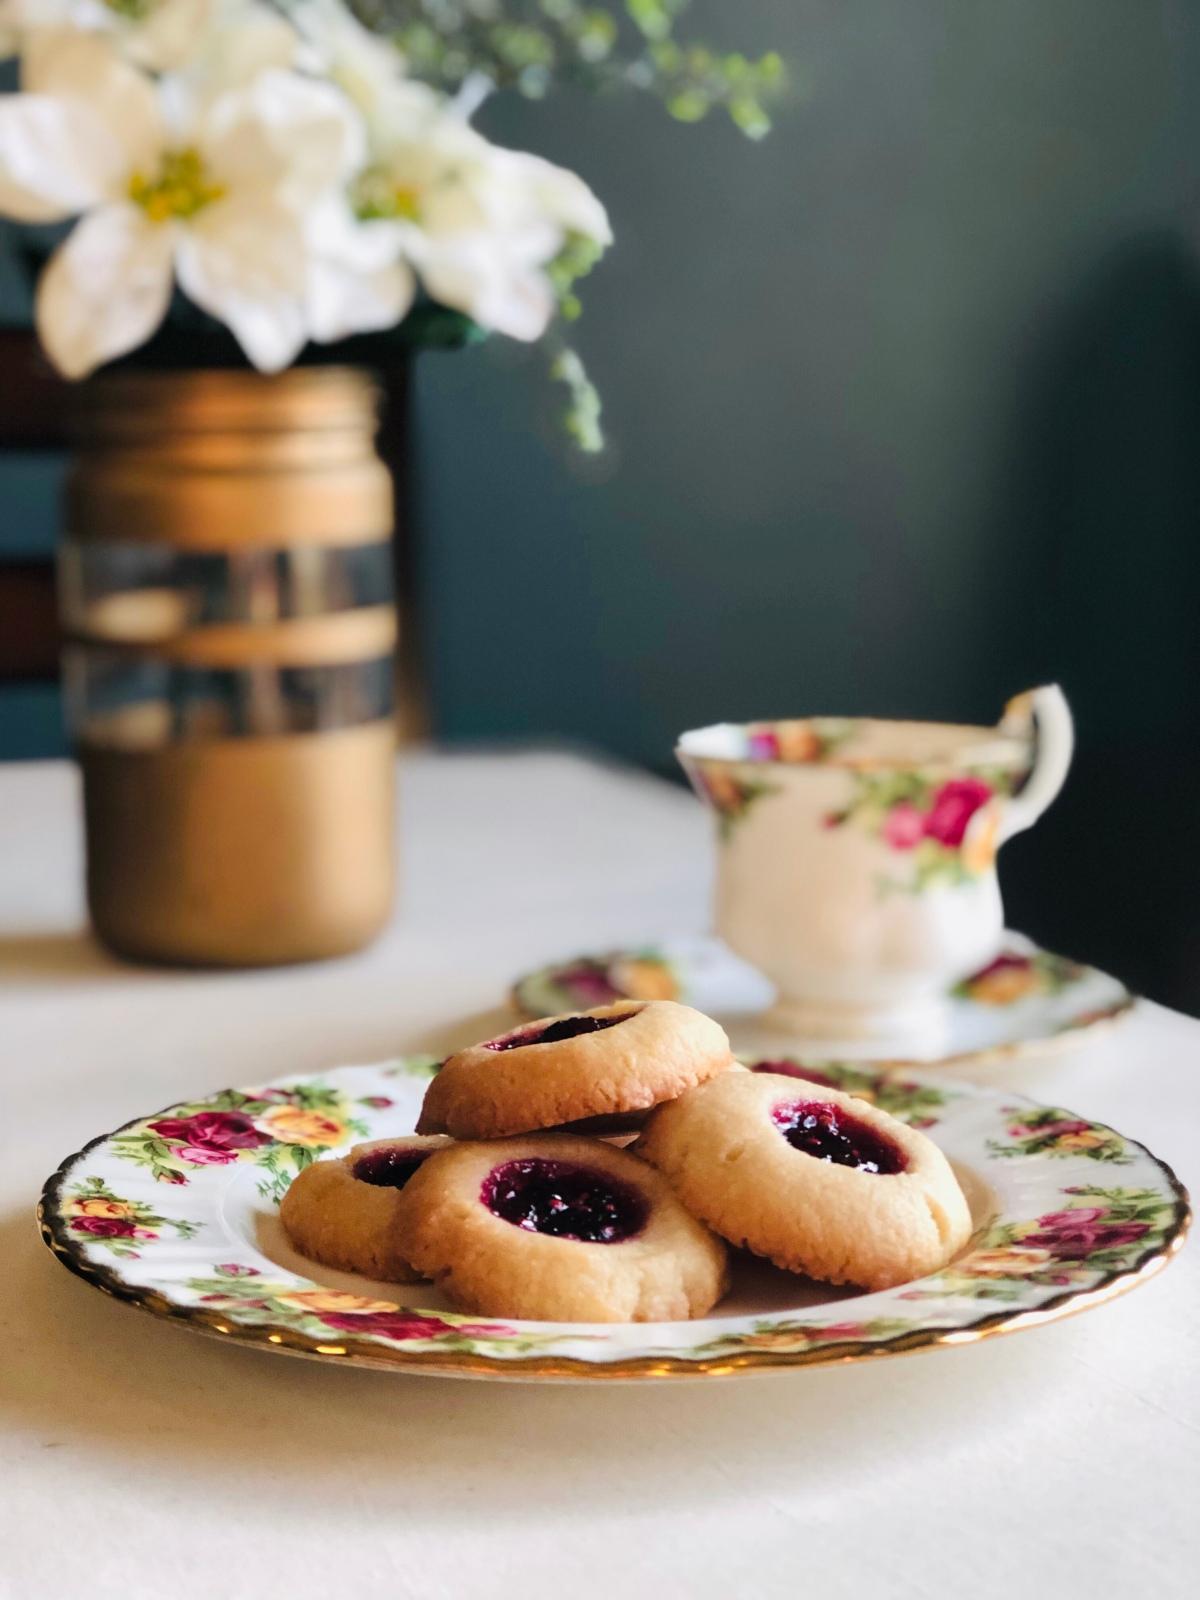 Blackberry Shortbread Cookies